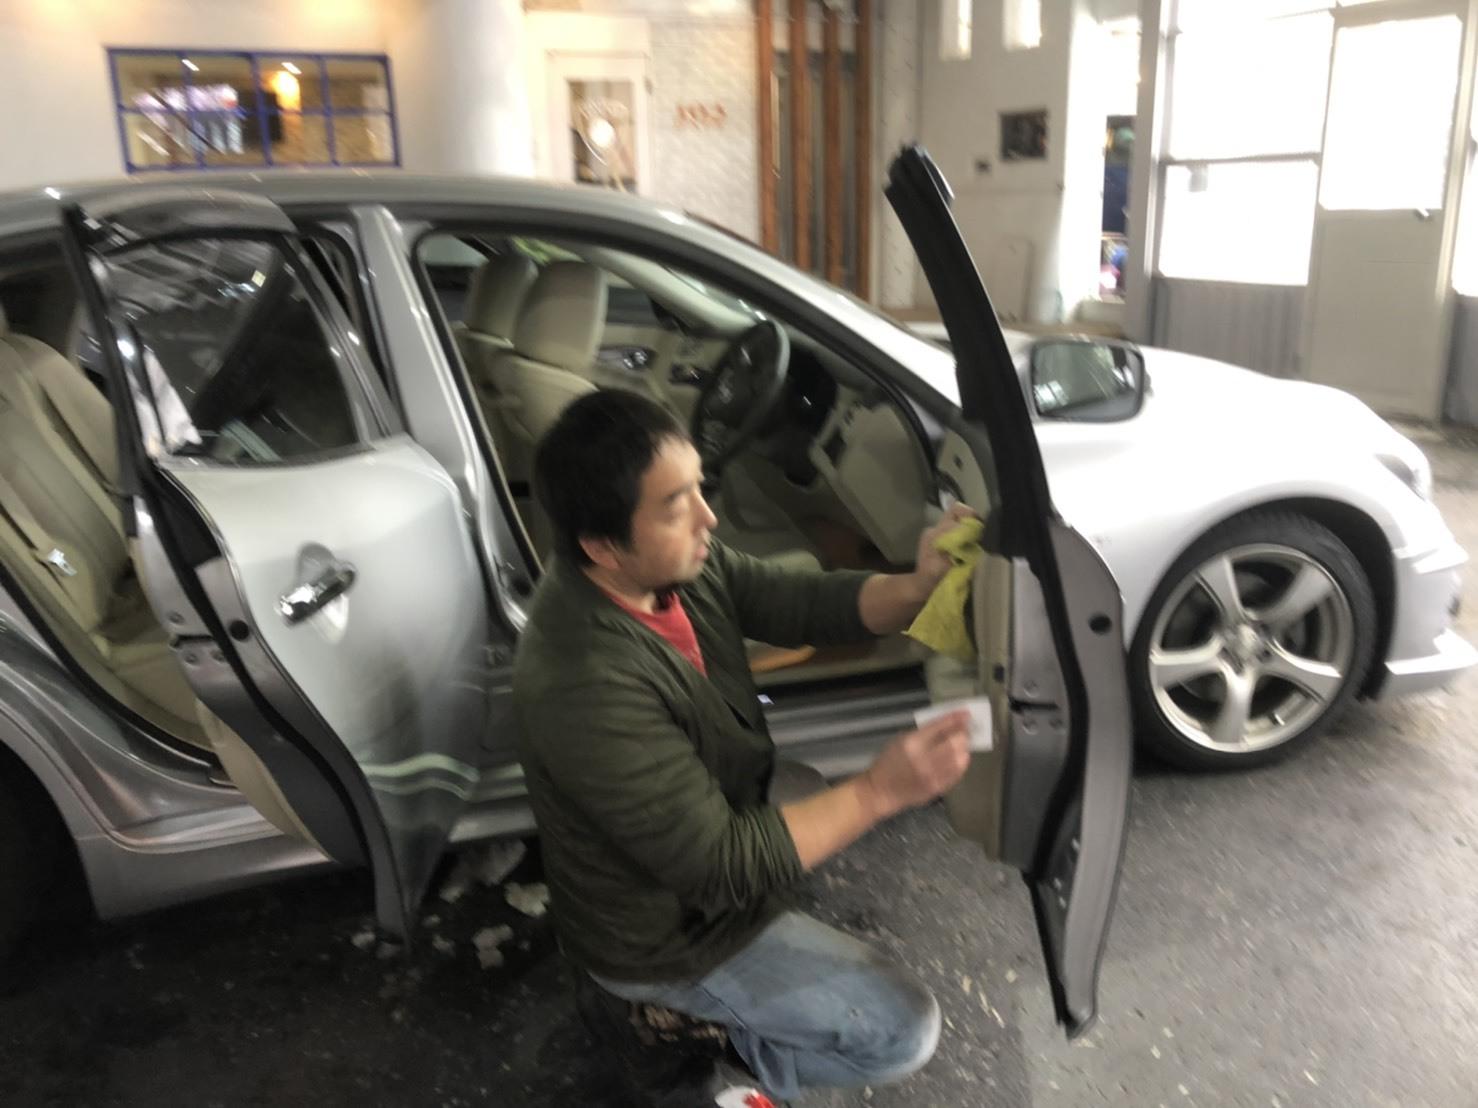 11月29日(金)TOMMYBASEブログ☆カスタムセダン専門店♪レクサス♪スバル限定車♪自社ローン♪ローンサポート♪_b0127002_15345540.jpg